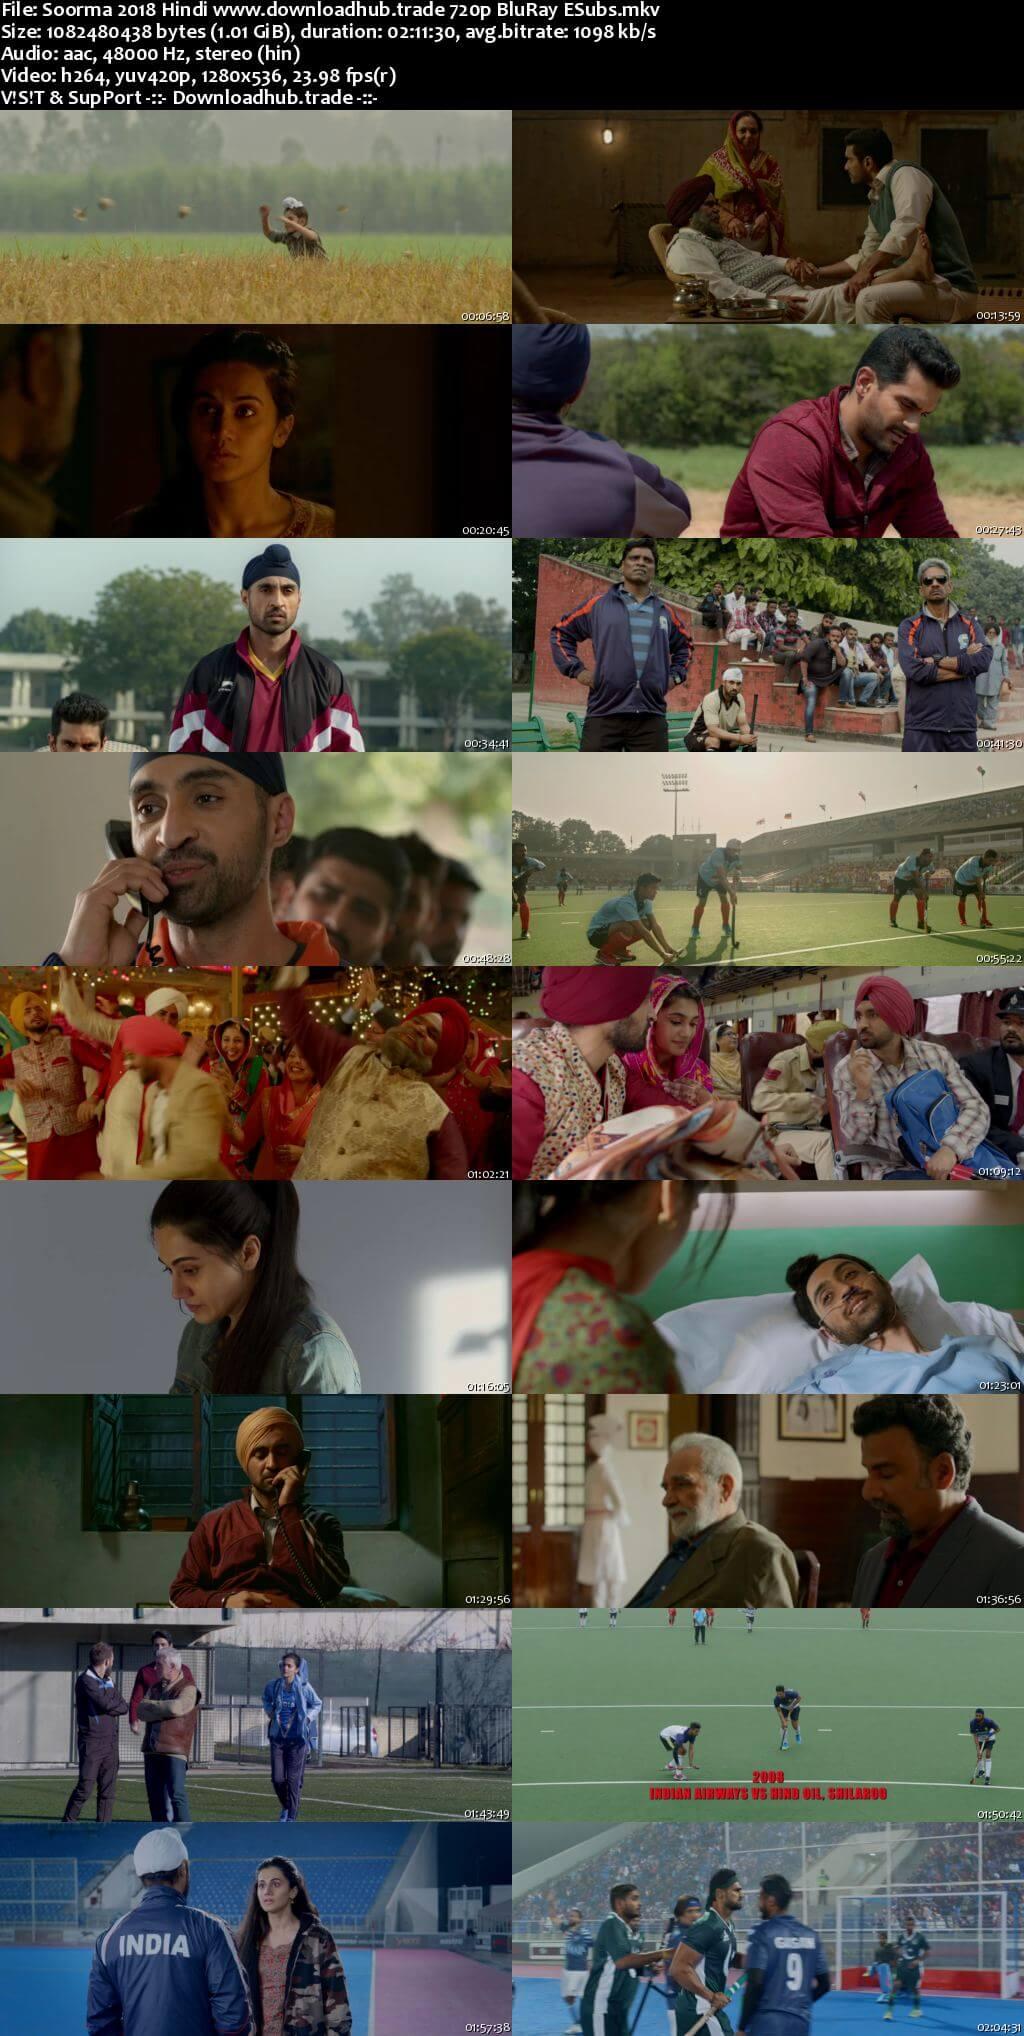 Soorma 2018 Hindi 720p BluRay ESubs